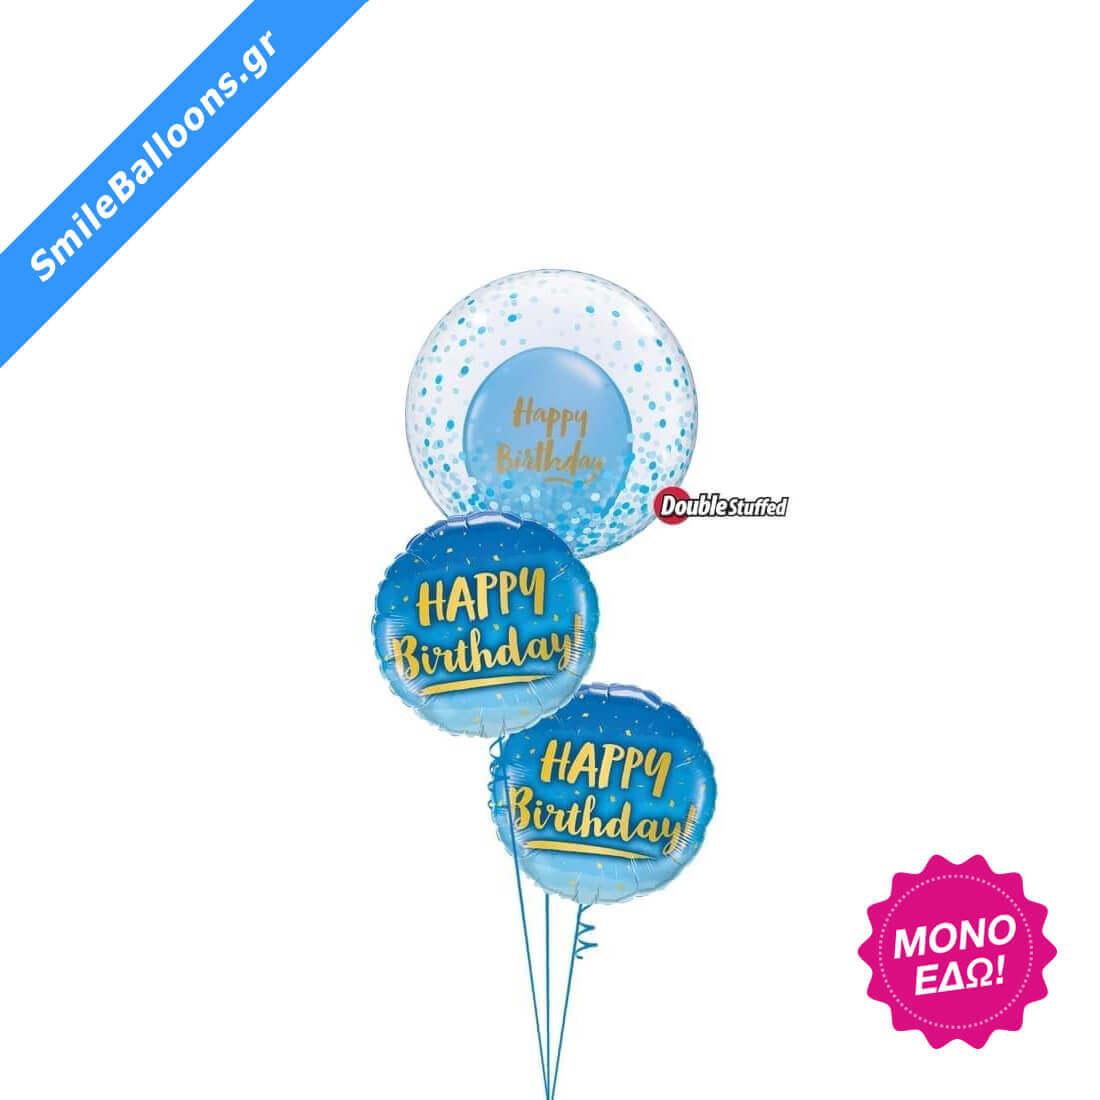 """Μπουκέτο μπαλονιών """"Confetti Pale Blue Bubble Birthday"""""""